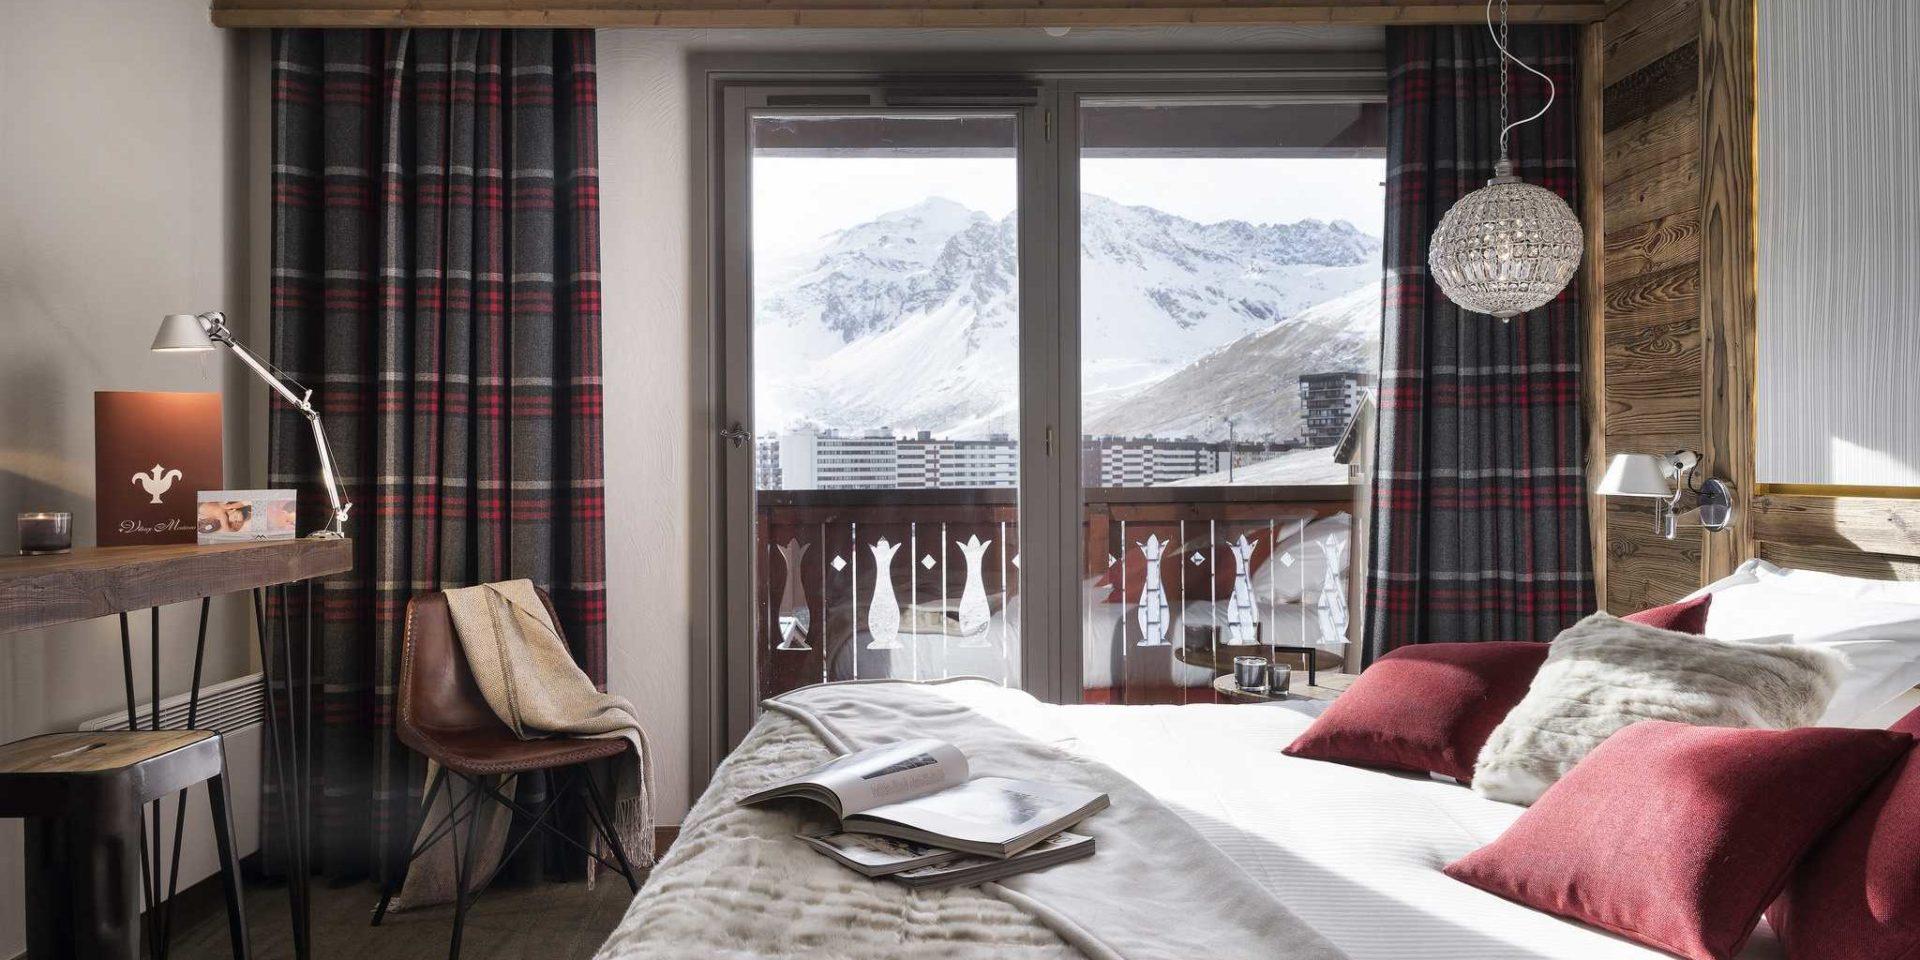 Hotel Village Montana Tignes Tignes-Val d'Isere Frankrijk wintersport skivakantie luxe slaapkamer 2-persoonsbed rode kussens sprei handlamp bruine stoel geblokte gordijnen balkon besneeuwde bergen